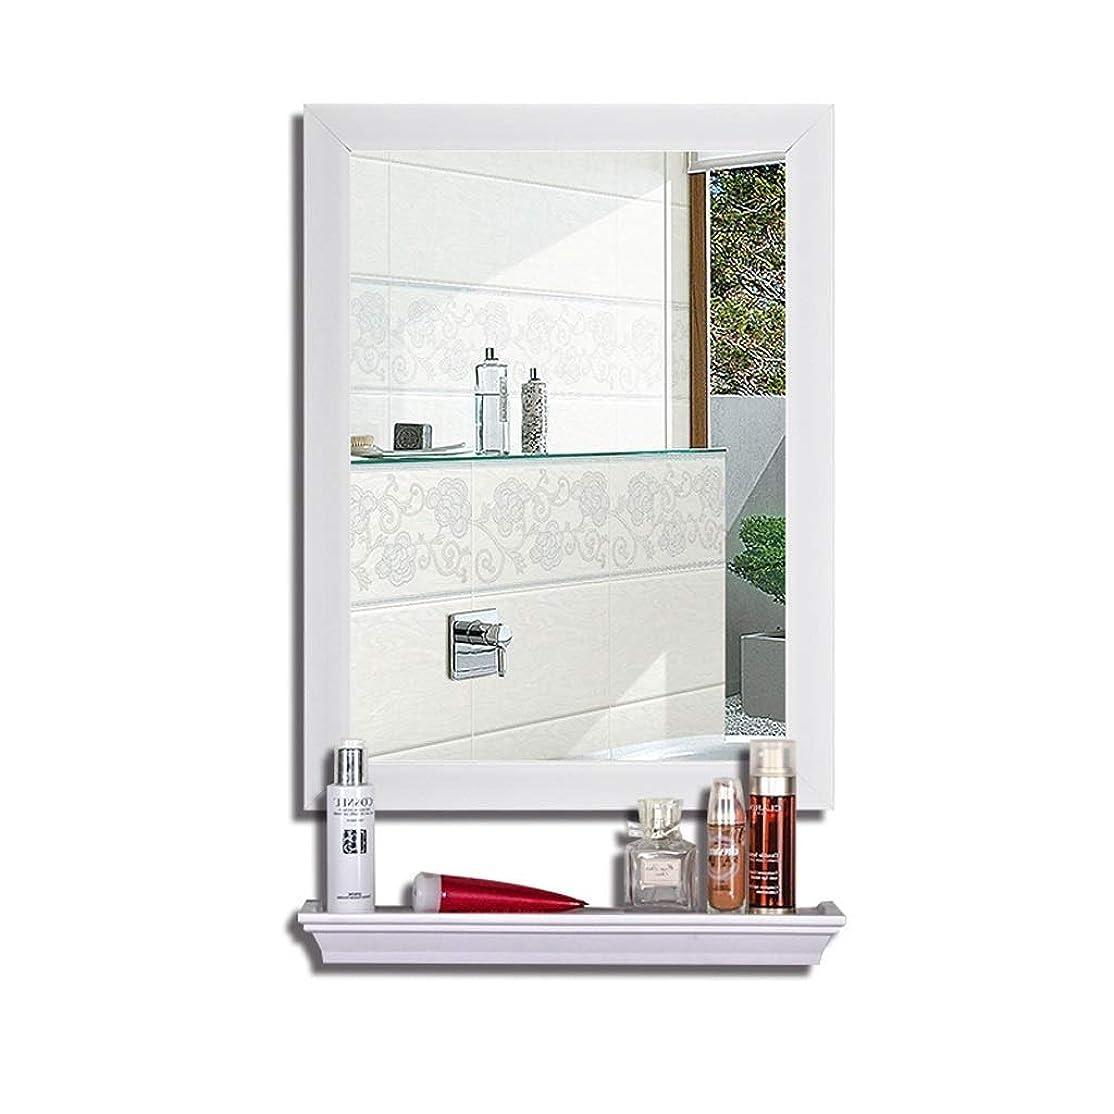 文字通りステージネズミSelm 壁掛けトイレ化粧鏡化粧台、北欧スタイル